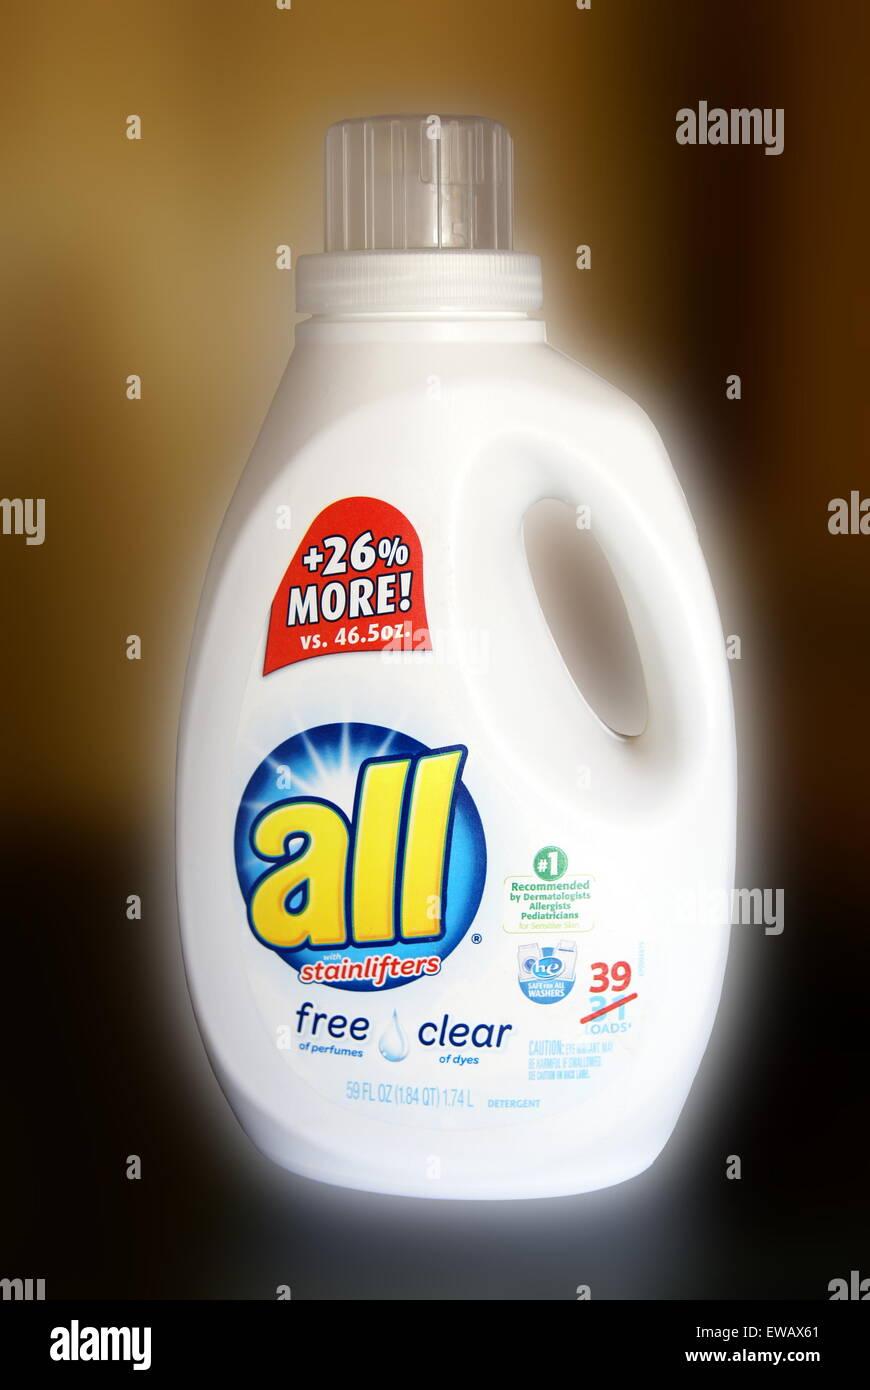 """Illustrative Editorial von 59 Unzen-Flasche des Markennamens """"mit Stainlifters"""" Waschmittel von Sun Products Stockbild"""